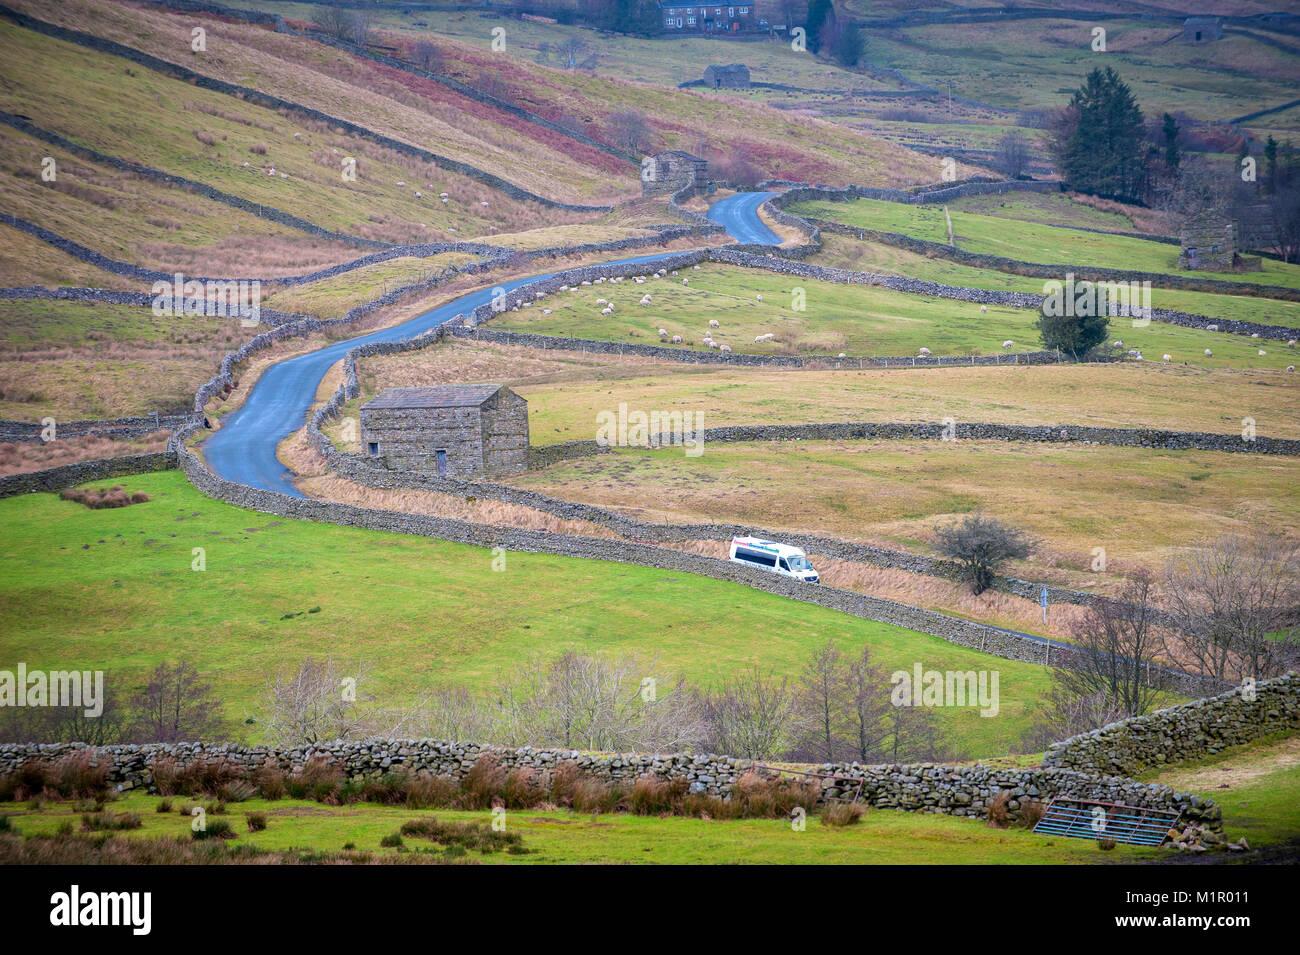 Le petit bus blanc fait son chemin sur sa route de navette Swaledale cette fois quitter Keld pour prochain arrêt Photo Stock